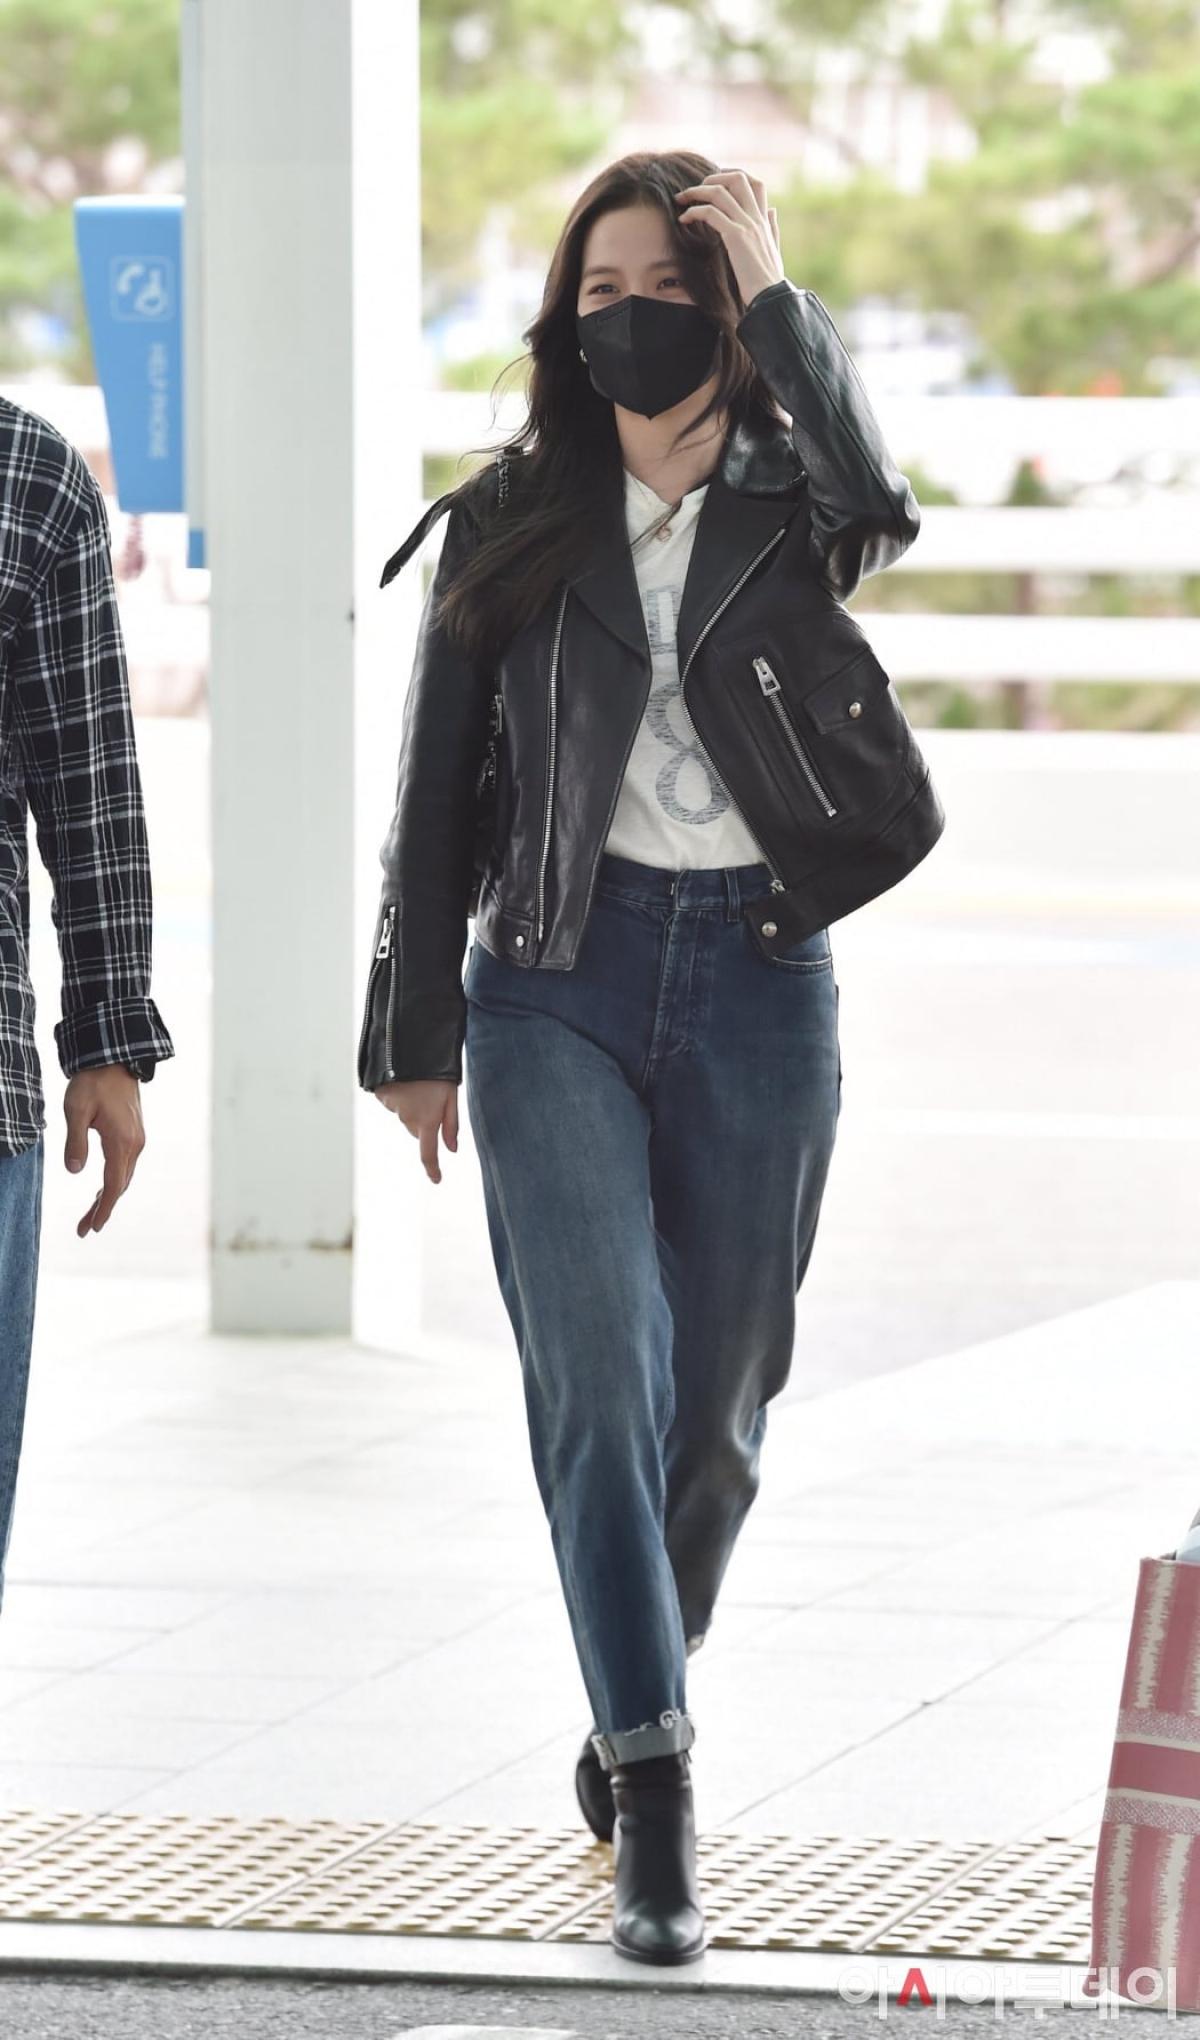 Cô tô điểm cho bộ cánh bằng bằng túi xách của thương hiệu Dior mà mình đại diện.